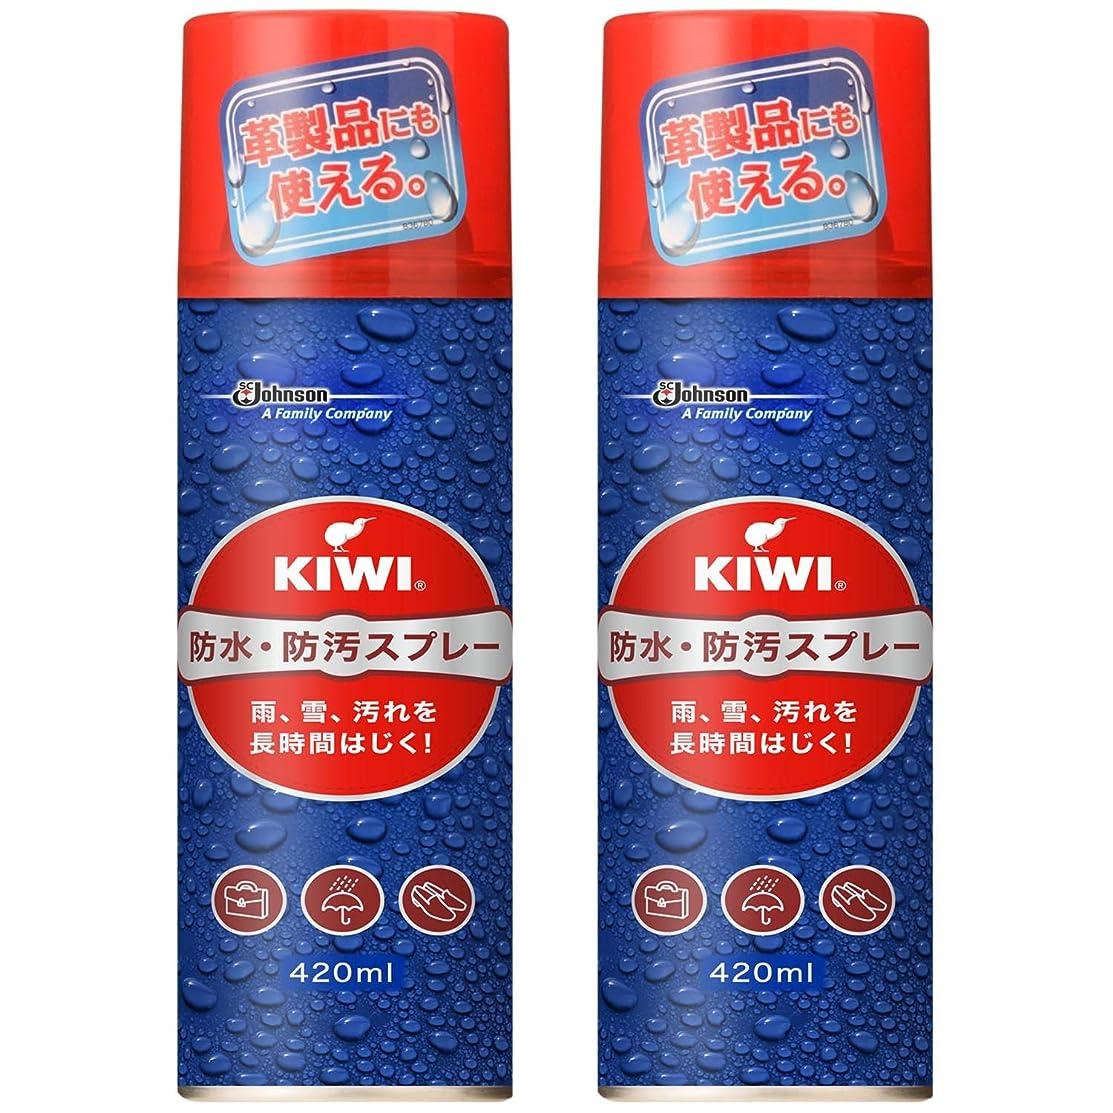 原始的な予見する引退する【まとめ買い】 KIWI(キィウィ) 防水?防汚スプレー 革靴?スニーカー?傘等 スプレータイプ 420ml×2本セット